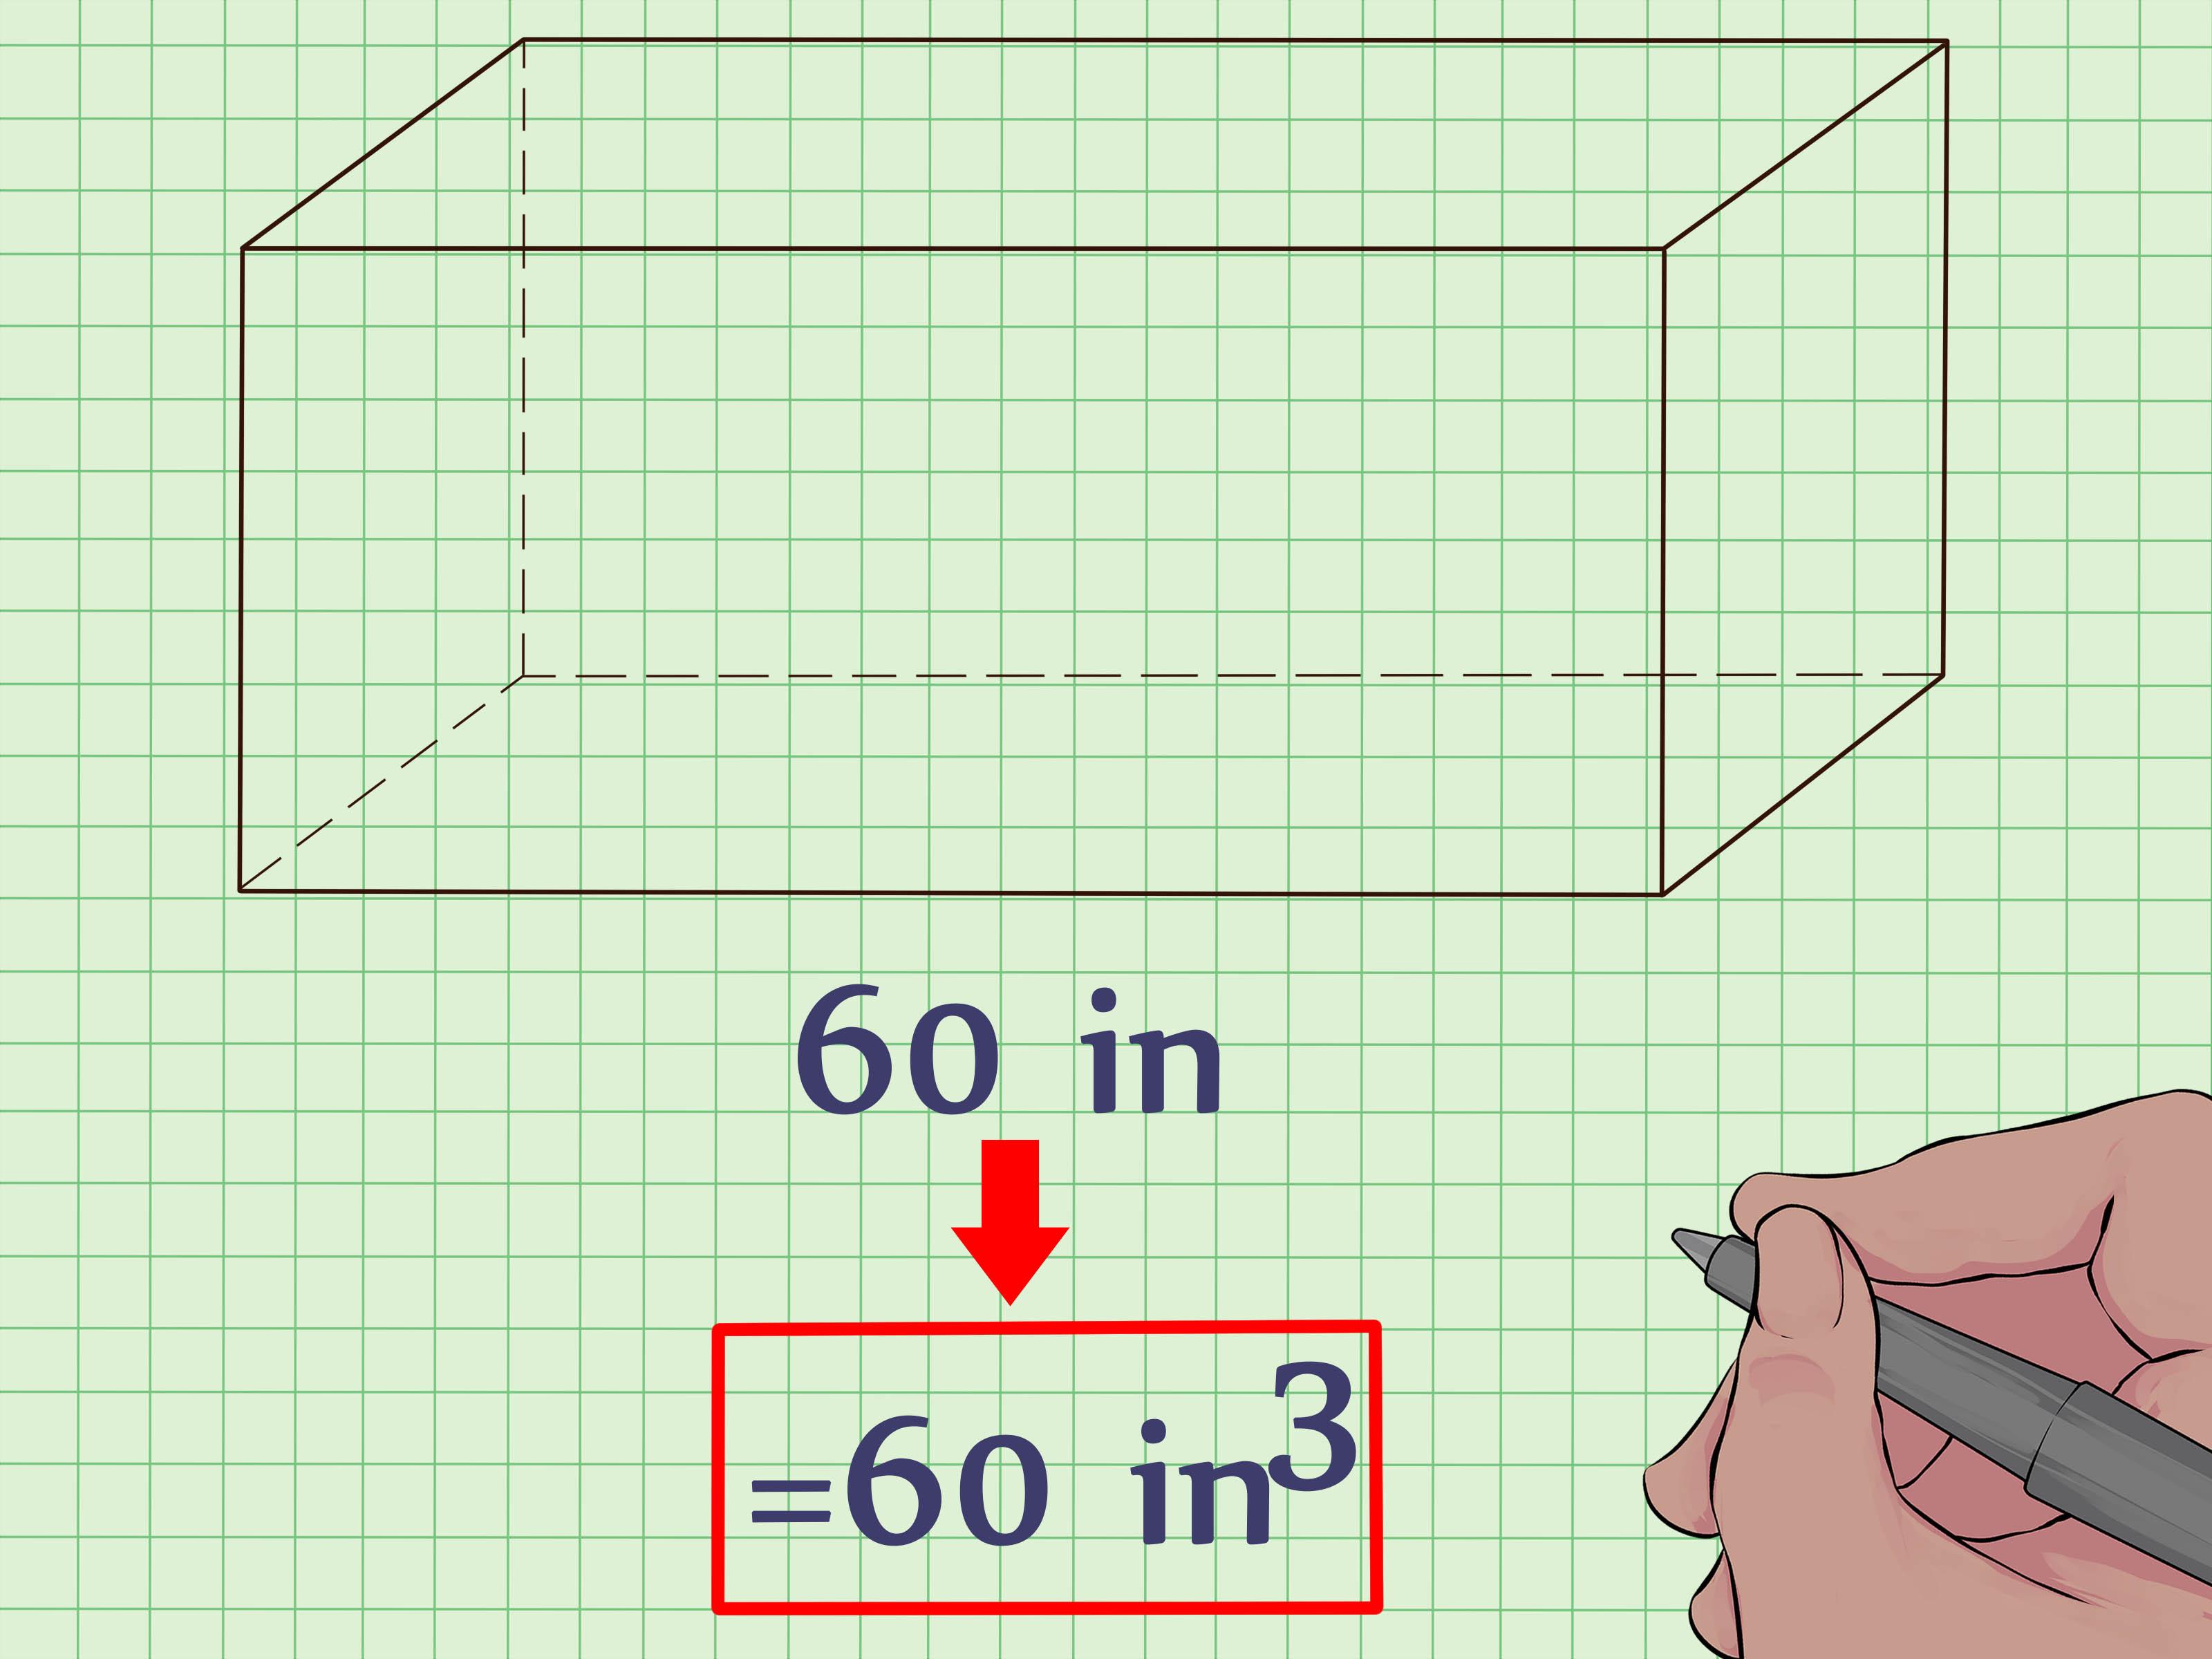 Come Calcolare Il Volume Di Un Prisma Rettangolare